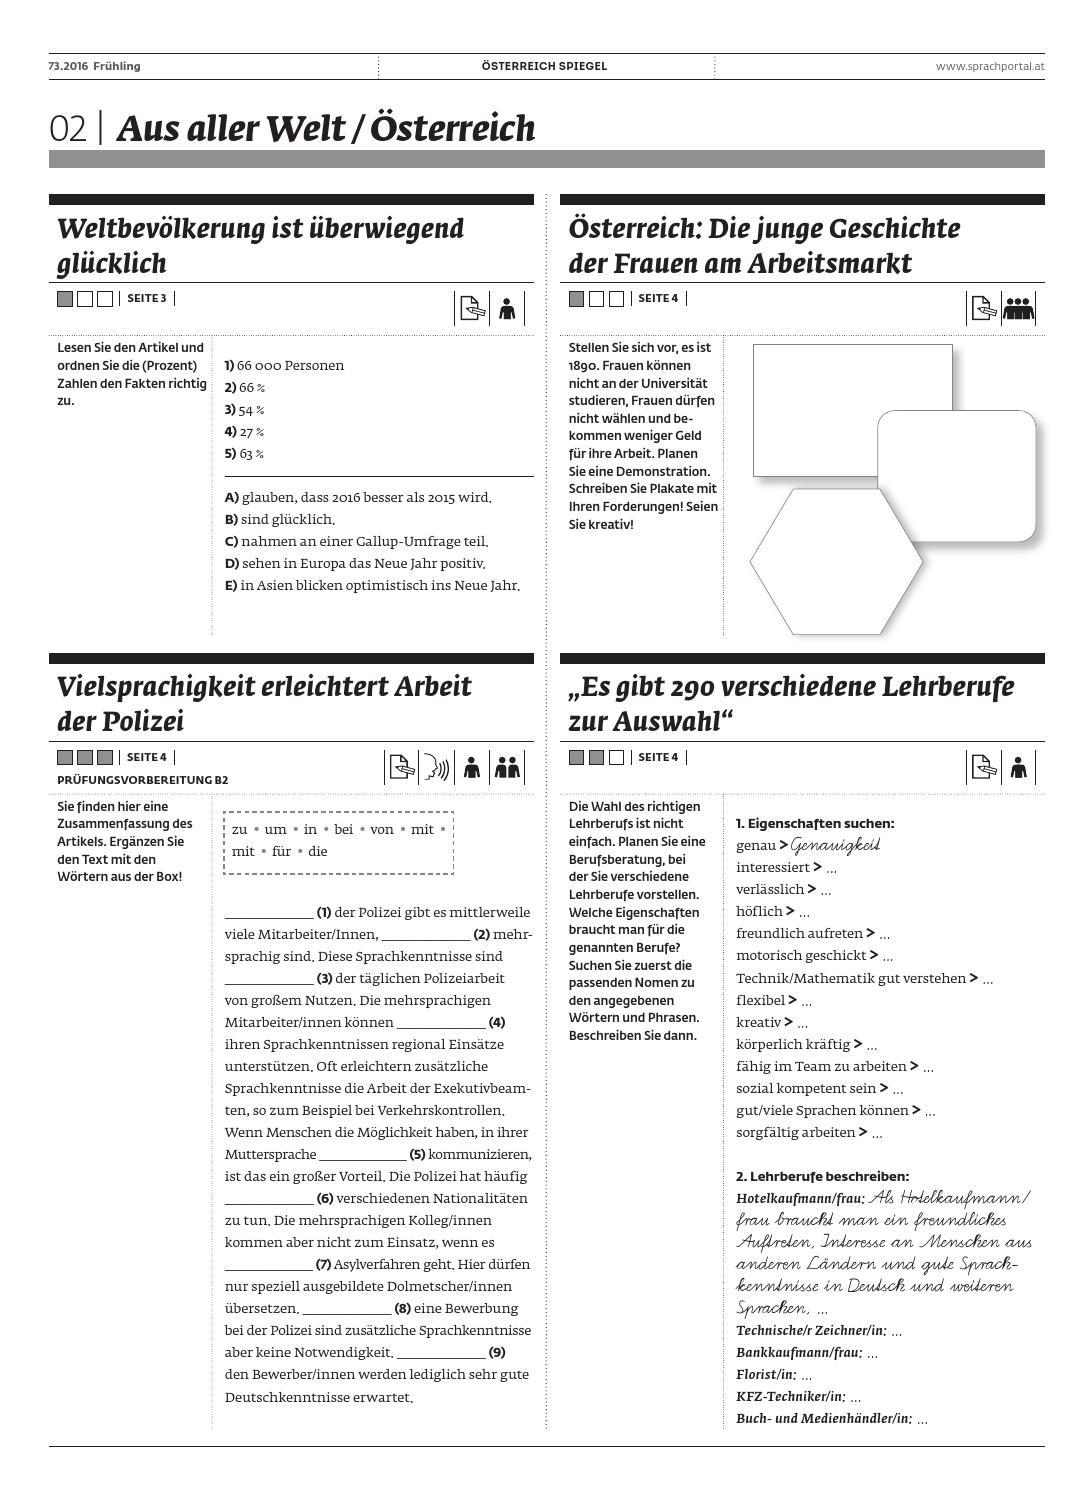 Uebungen schwerpunkt spiegel 73 by Österreichischer ...